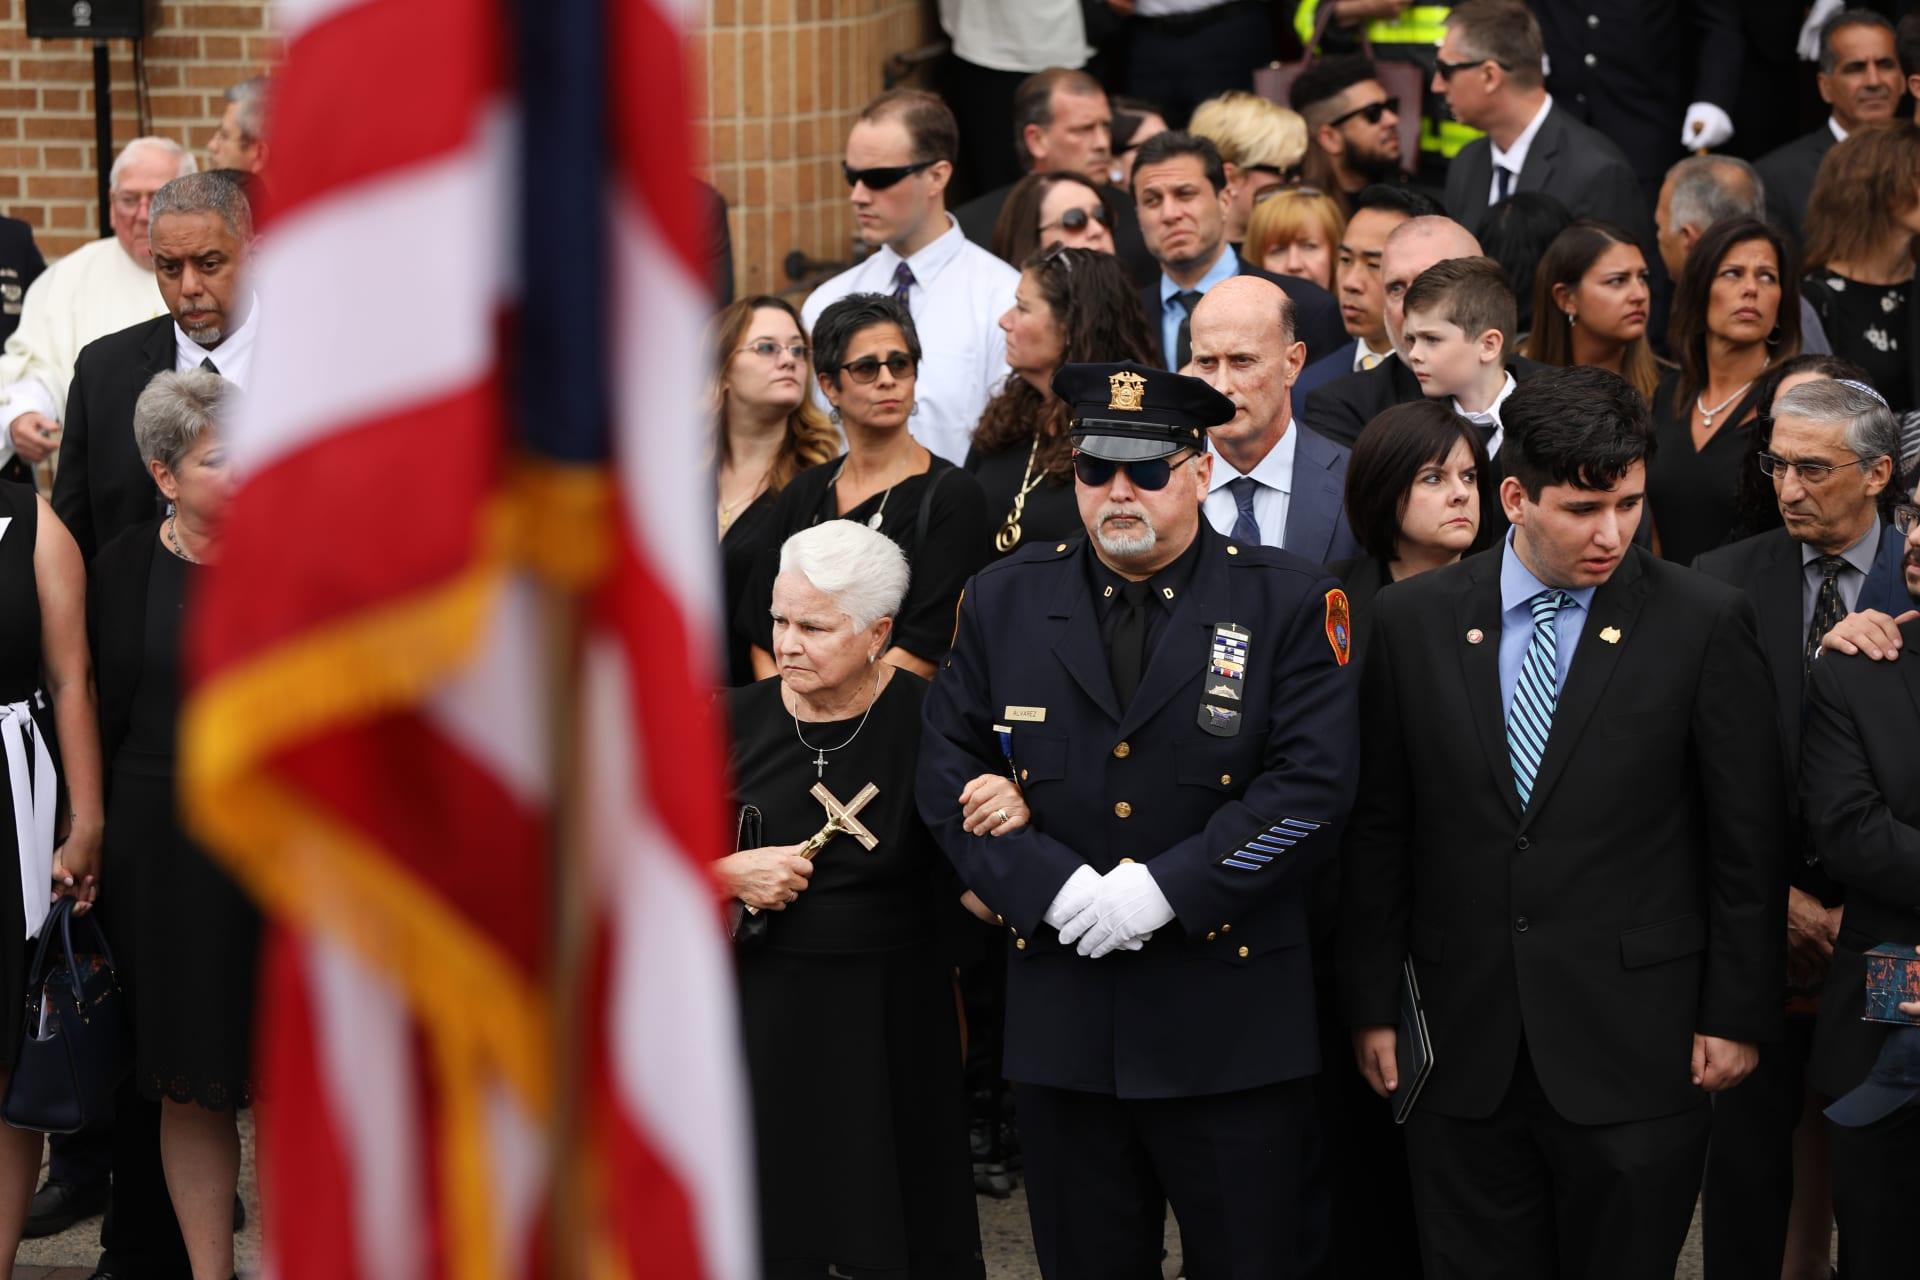 بعد 18 عامًا.. التعرف على رفات أحد ضحايا هجمات 11 سبتمبر